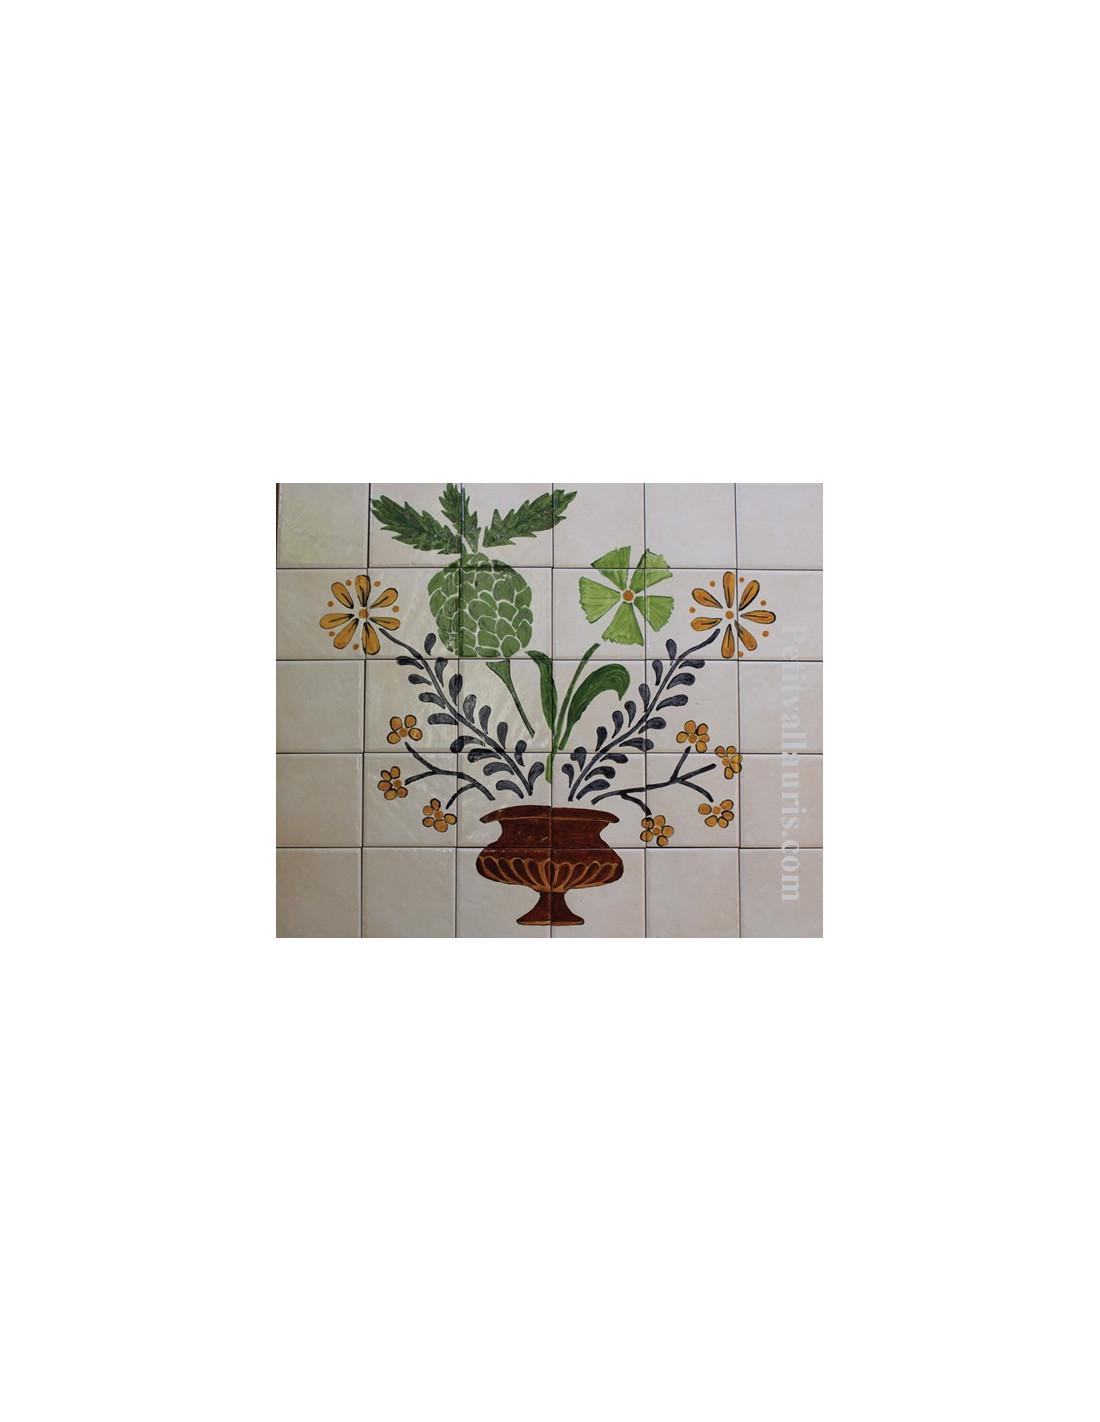 fresque murale sur carreaux de faience d cor artisanal mod le naif pot et fleur 50x60 le petit. Black Bedroom Furniture Sets. Home Design Ideas